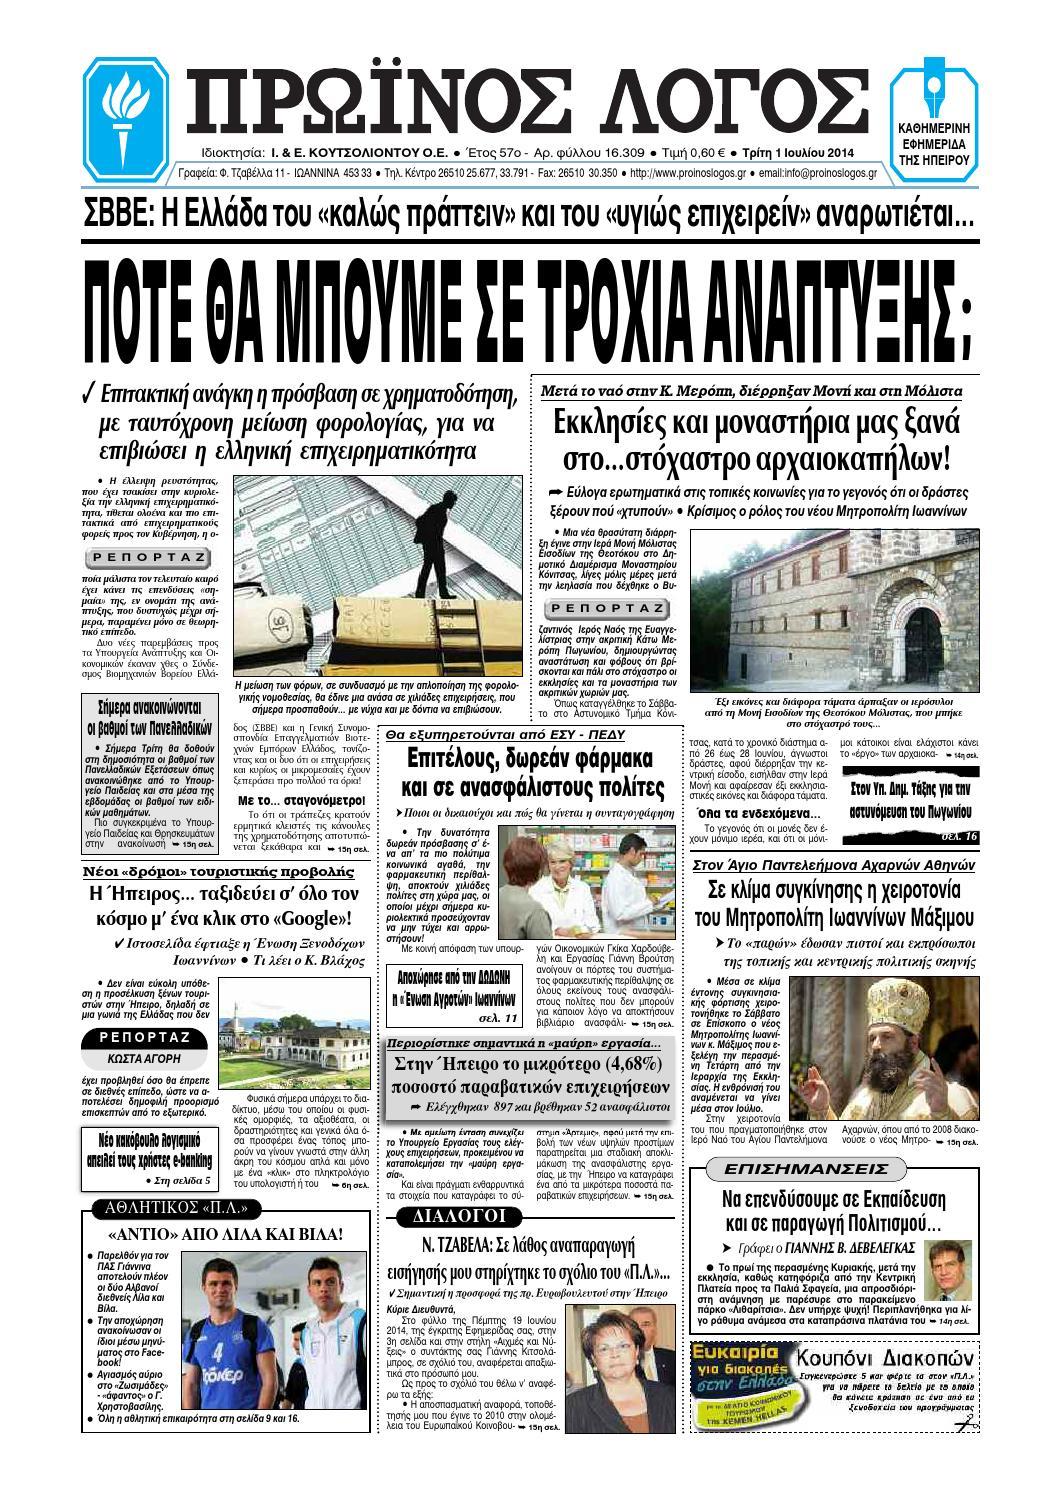 Μολδαβία που χρονολογούνται δωρεάν